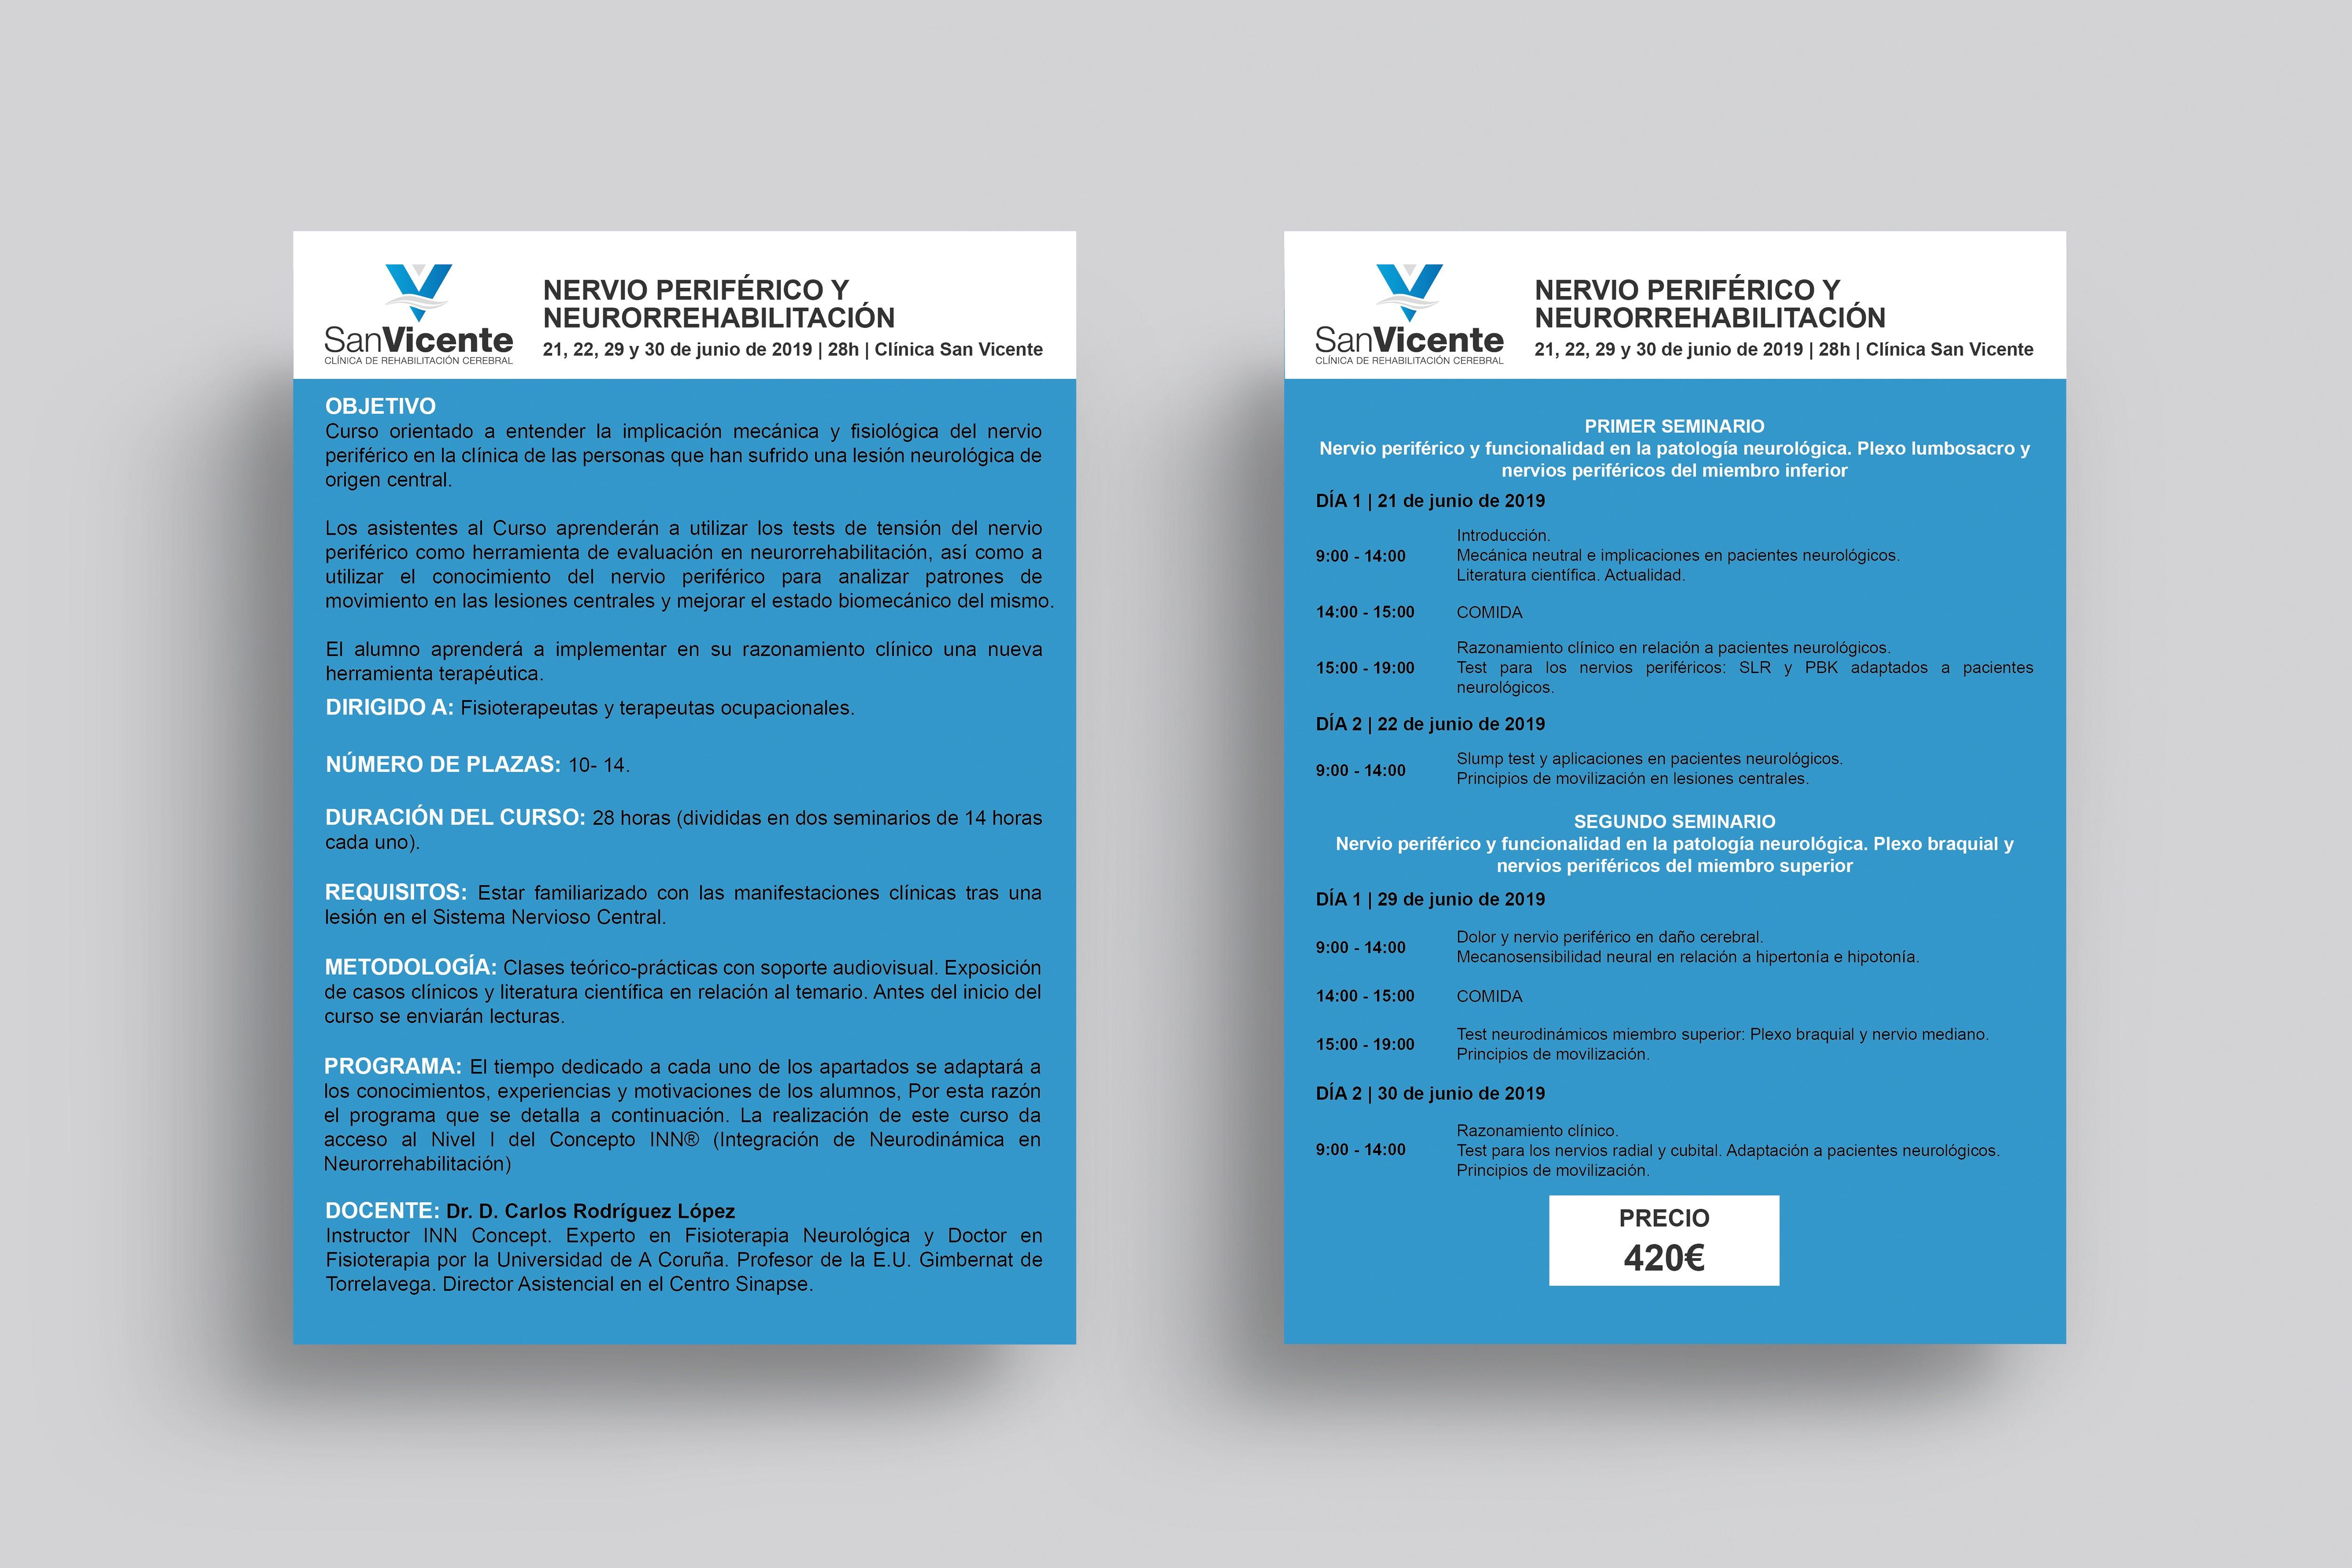 Curso Nervio Periférico y Neurorrehabilitación en Clínica San Vicente de Madrid